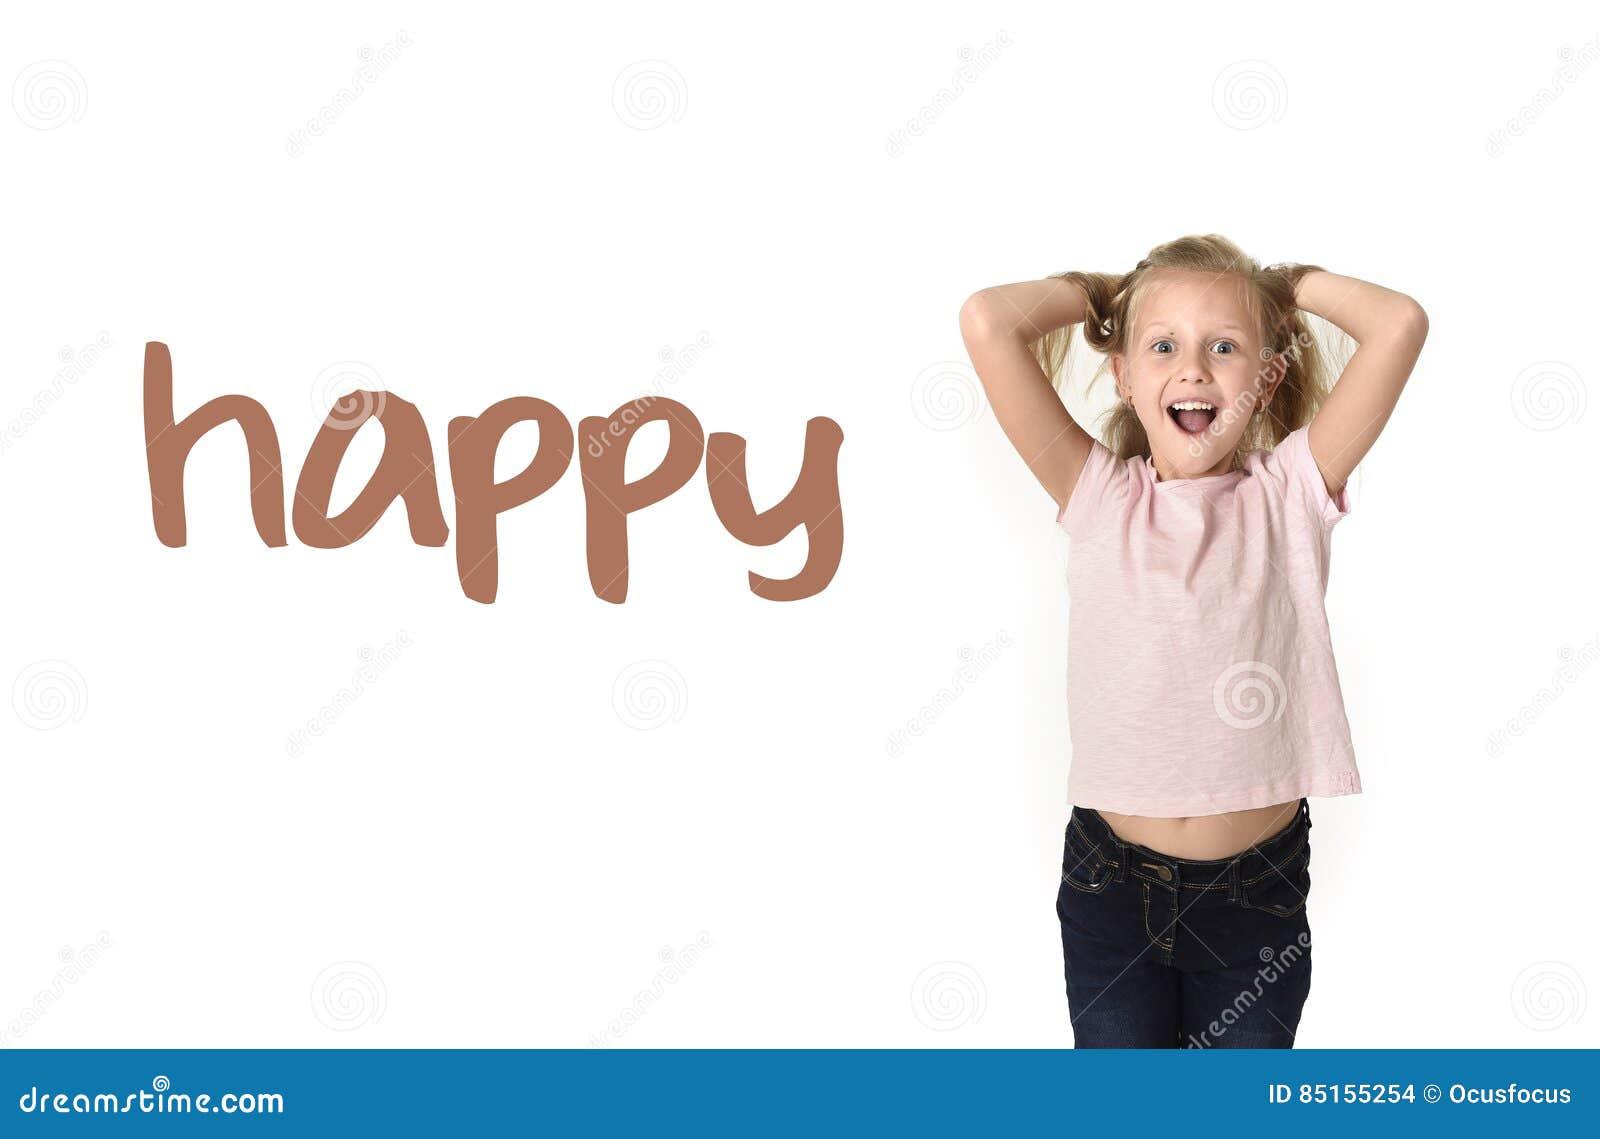 Σχολική κάρτα λεξιλογίου εκμάθησης αγγλικής γλώσσας του νέου όμορφου ευτυχούς κοριτσιού συγκινημένου